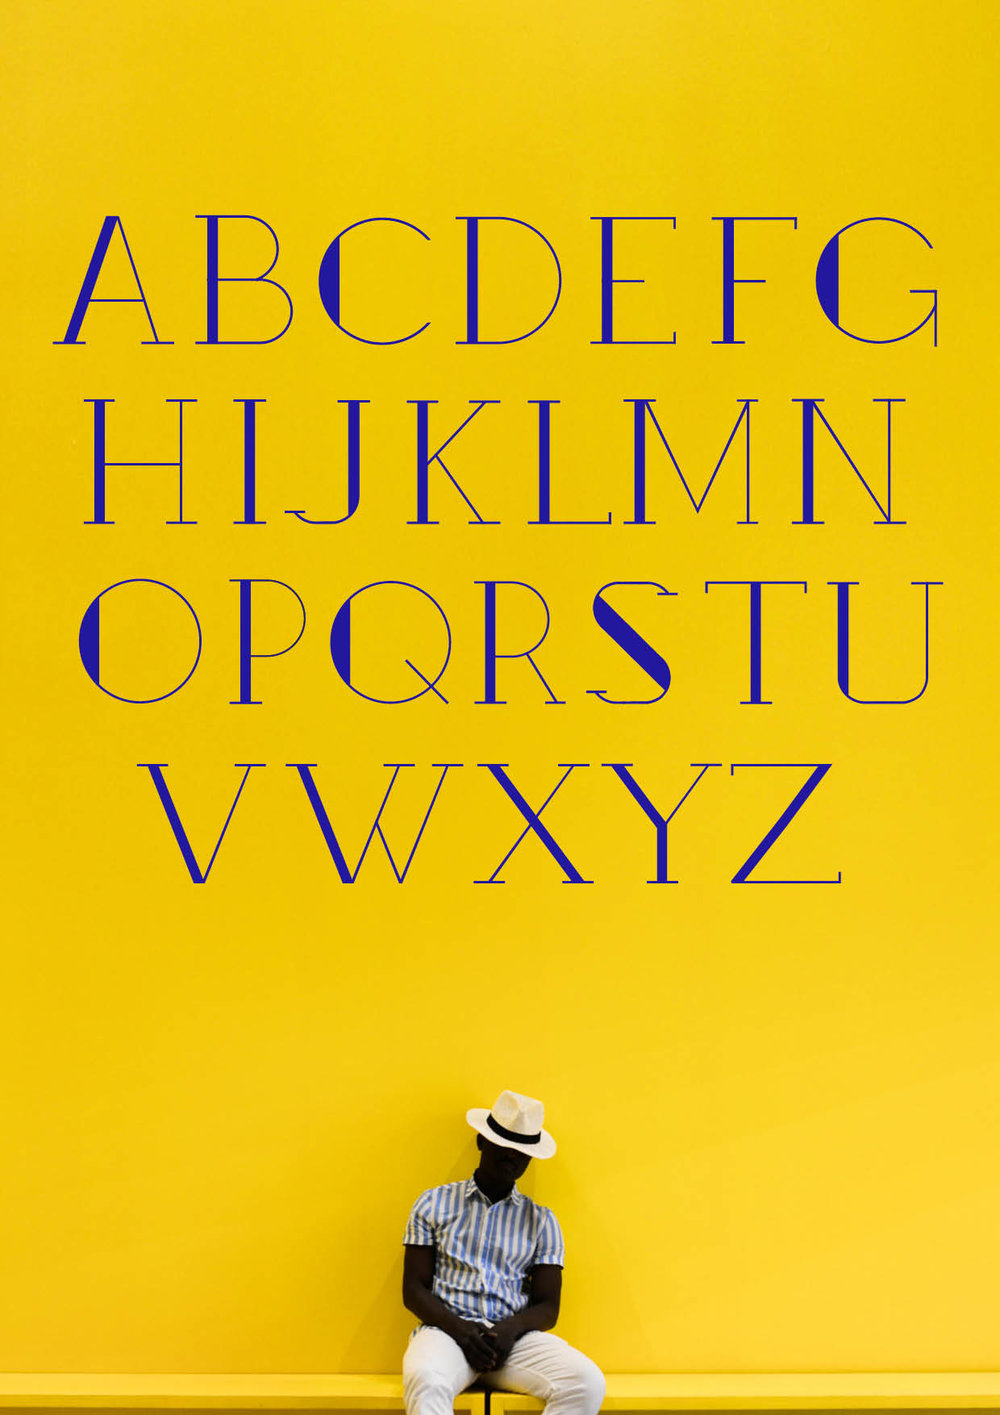 Poster 1 - Black Ivy Typeface_WIP2.jpg